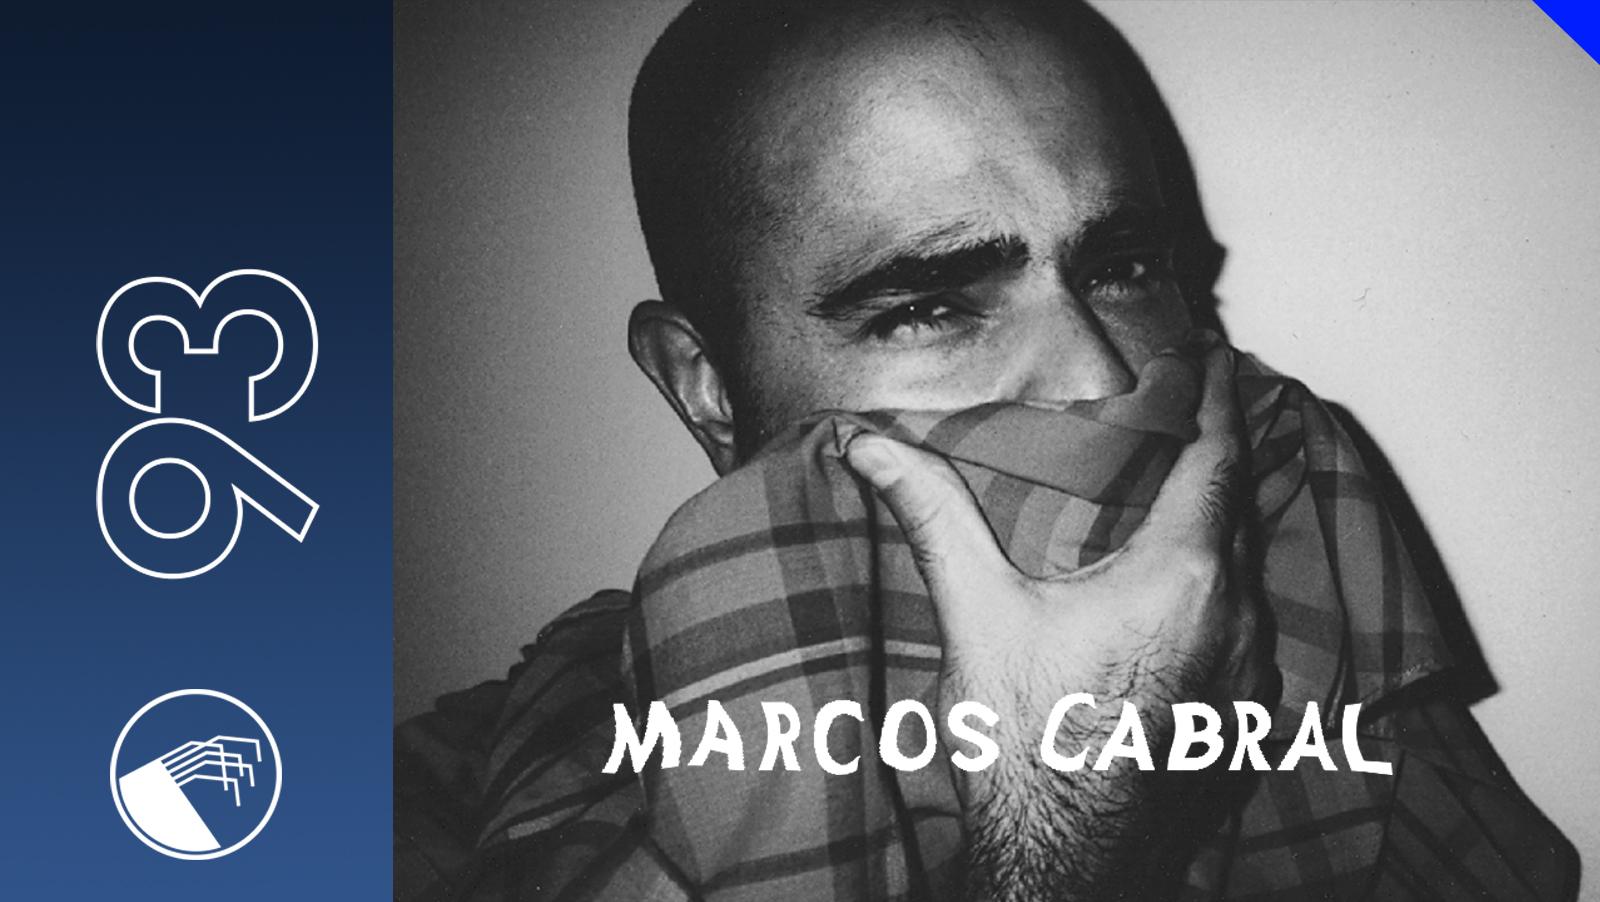 093 Marcos Cabral